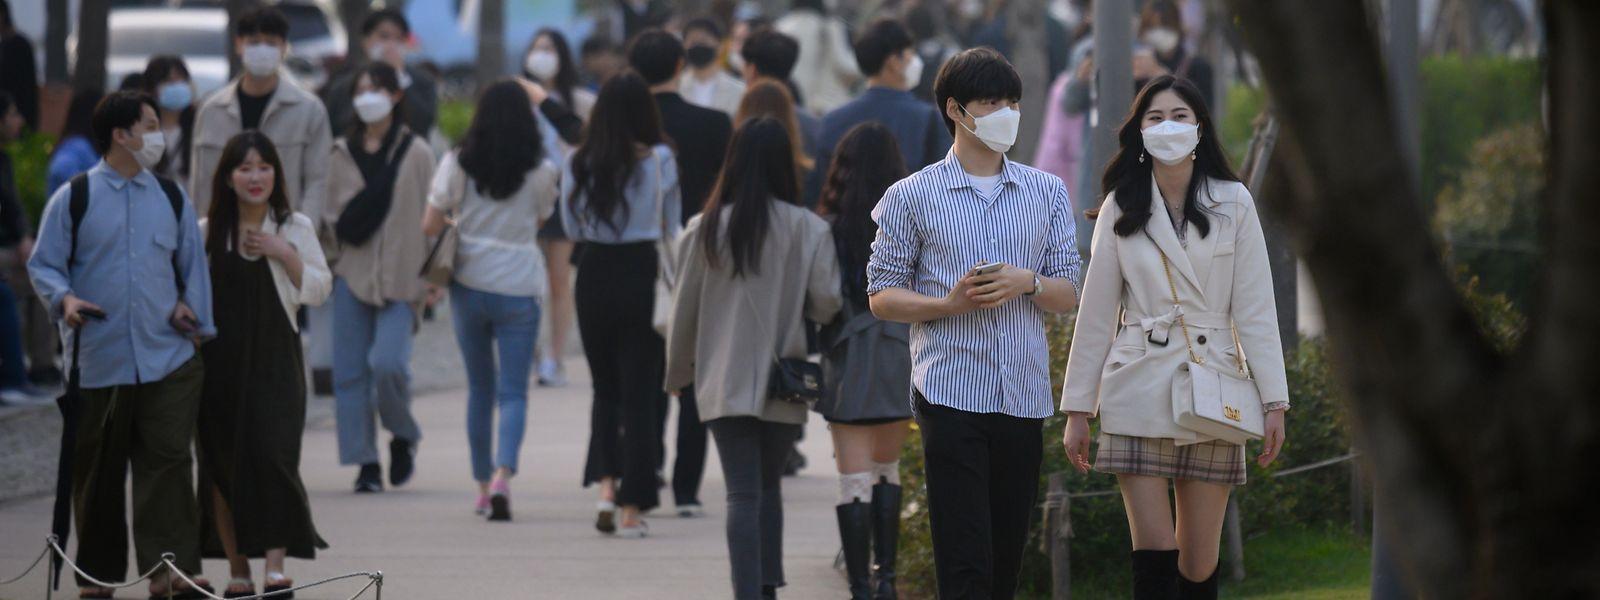 35 nouveaux cas ont été recensés lundi en Corée du Sud, où l'épidémie avait pourtant été jugulée